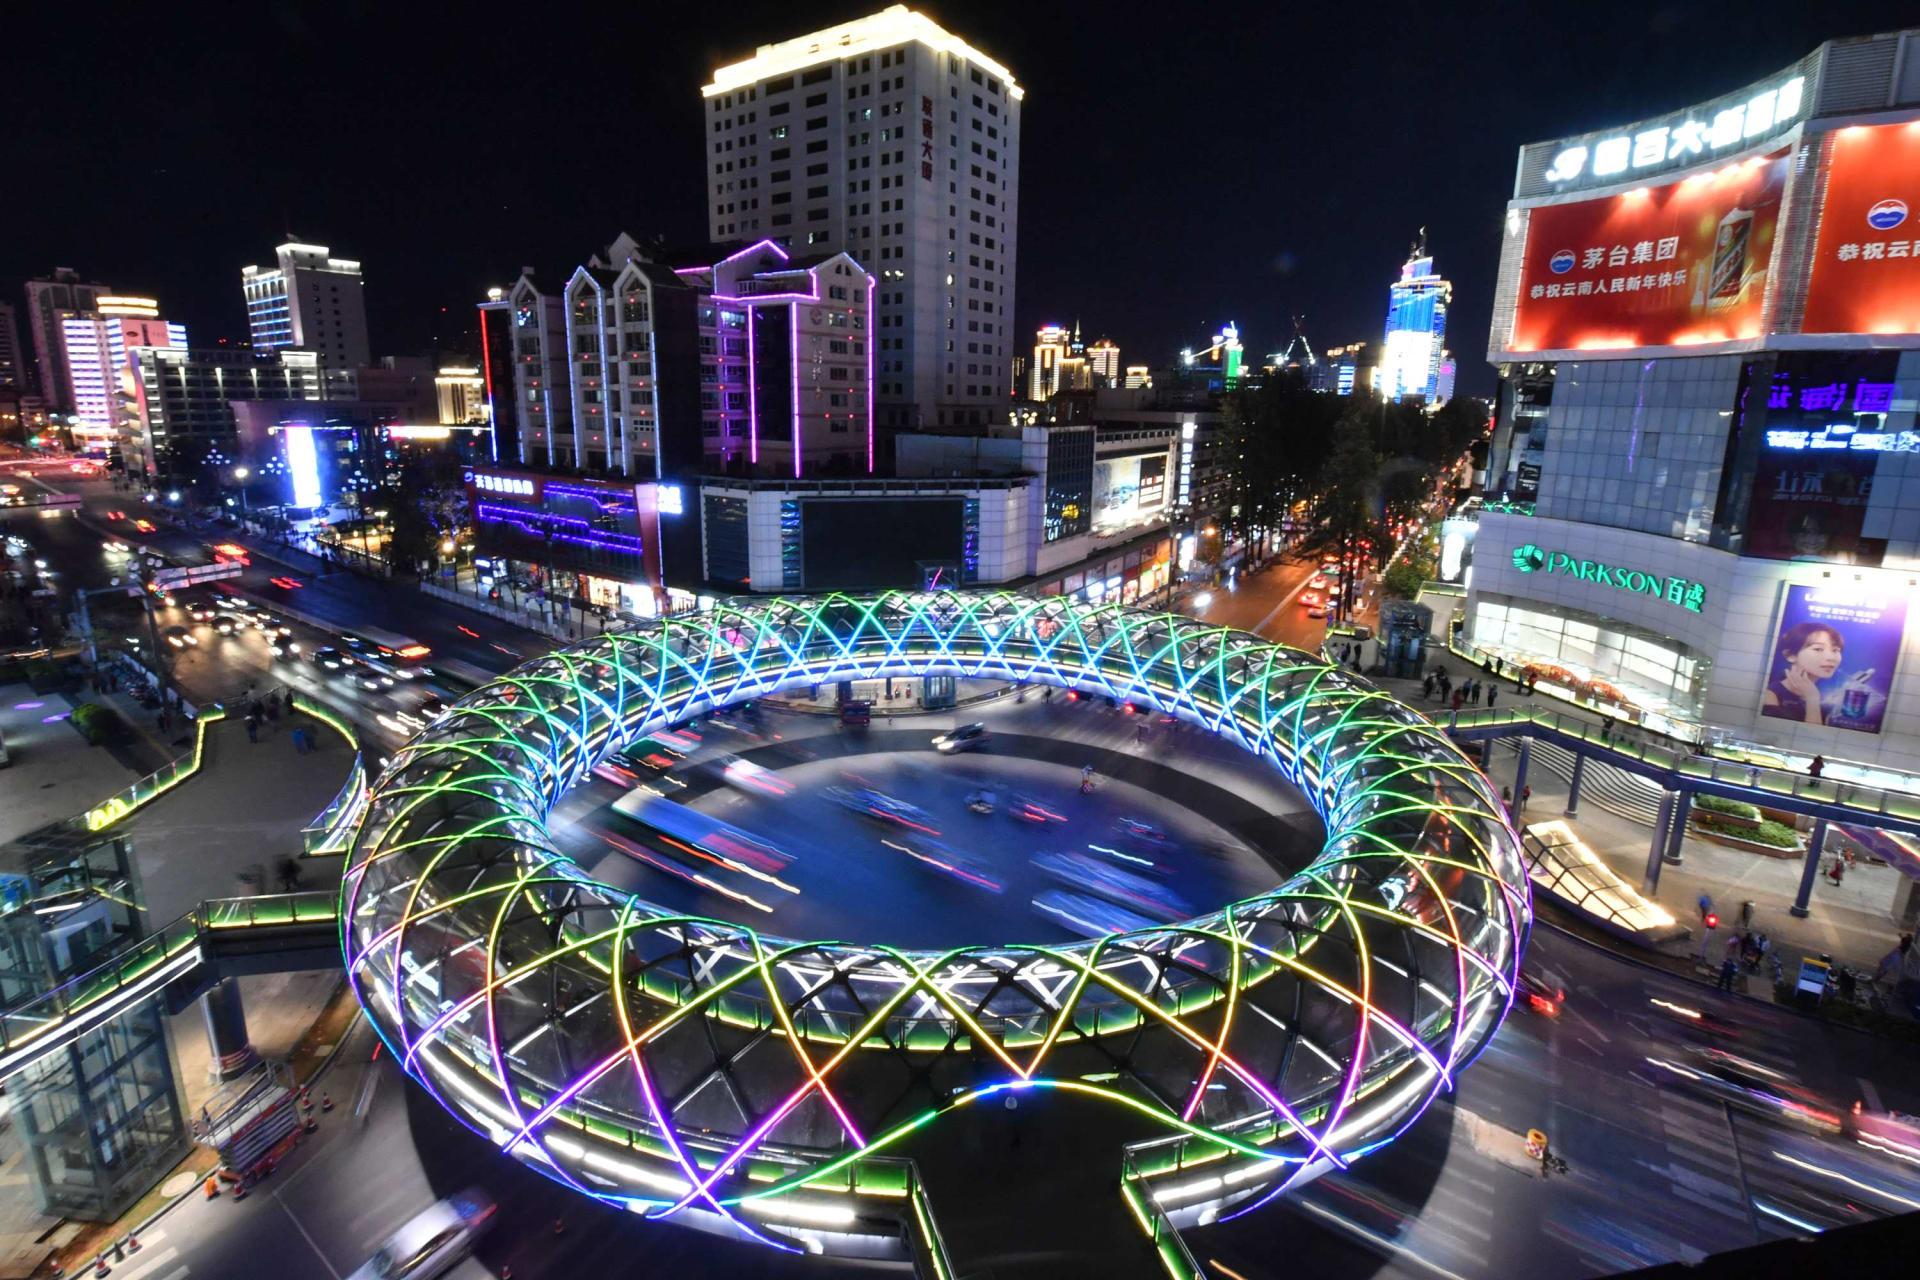 """منها فندق على شكل دمية روسية.. تعرف على الهياكل الغريبة ضمن مسابقة """"أبشع مبنى"""" بالصين لهذا العام"""